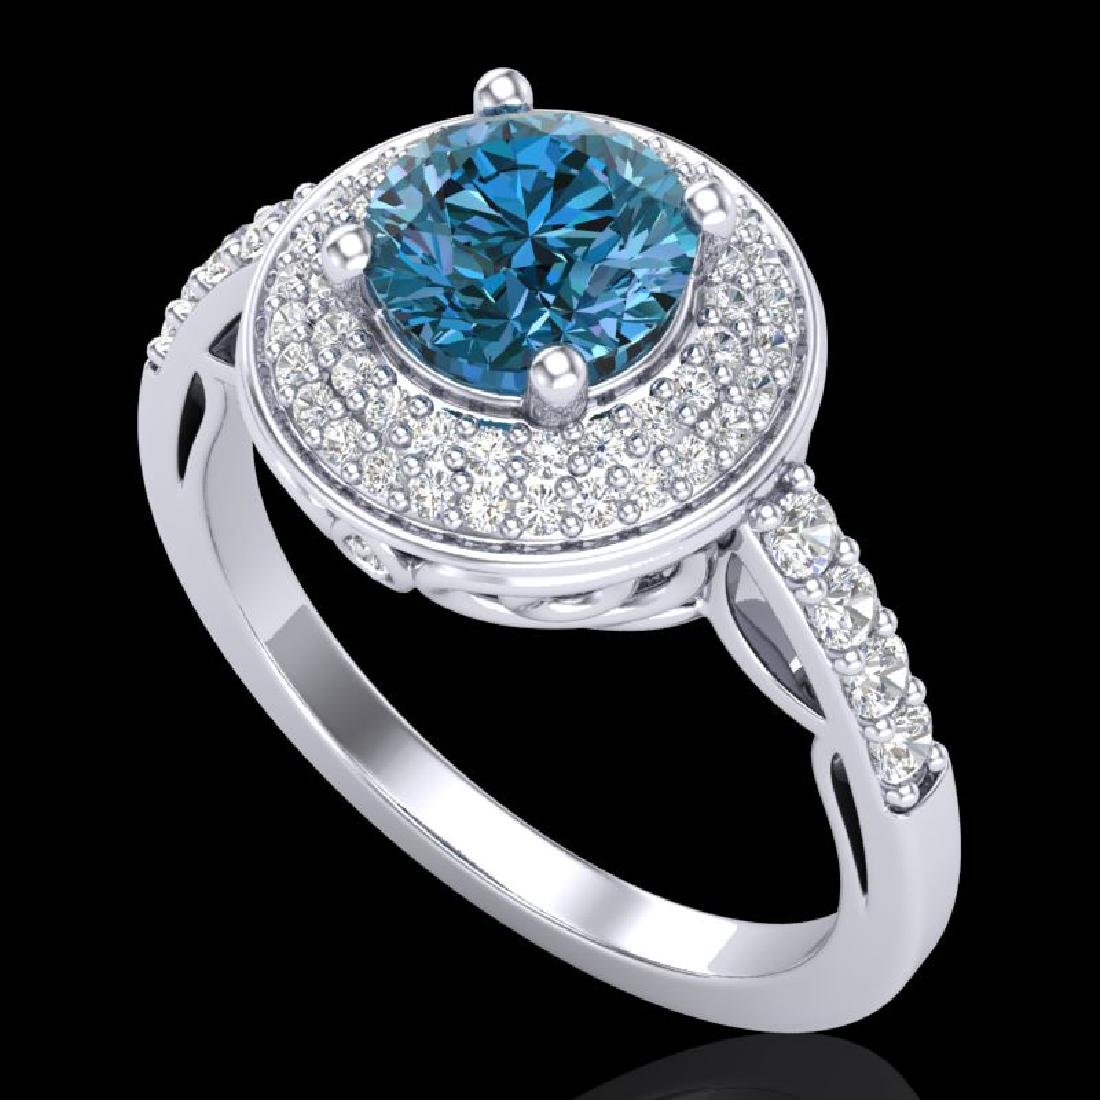 1.7 CTW Intense Blue Diamond Solitaire Engagement Art